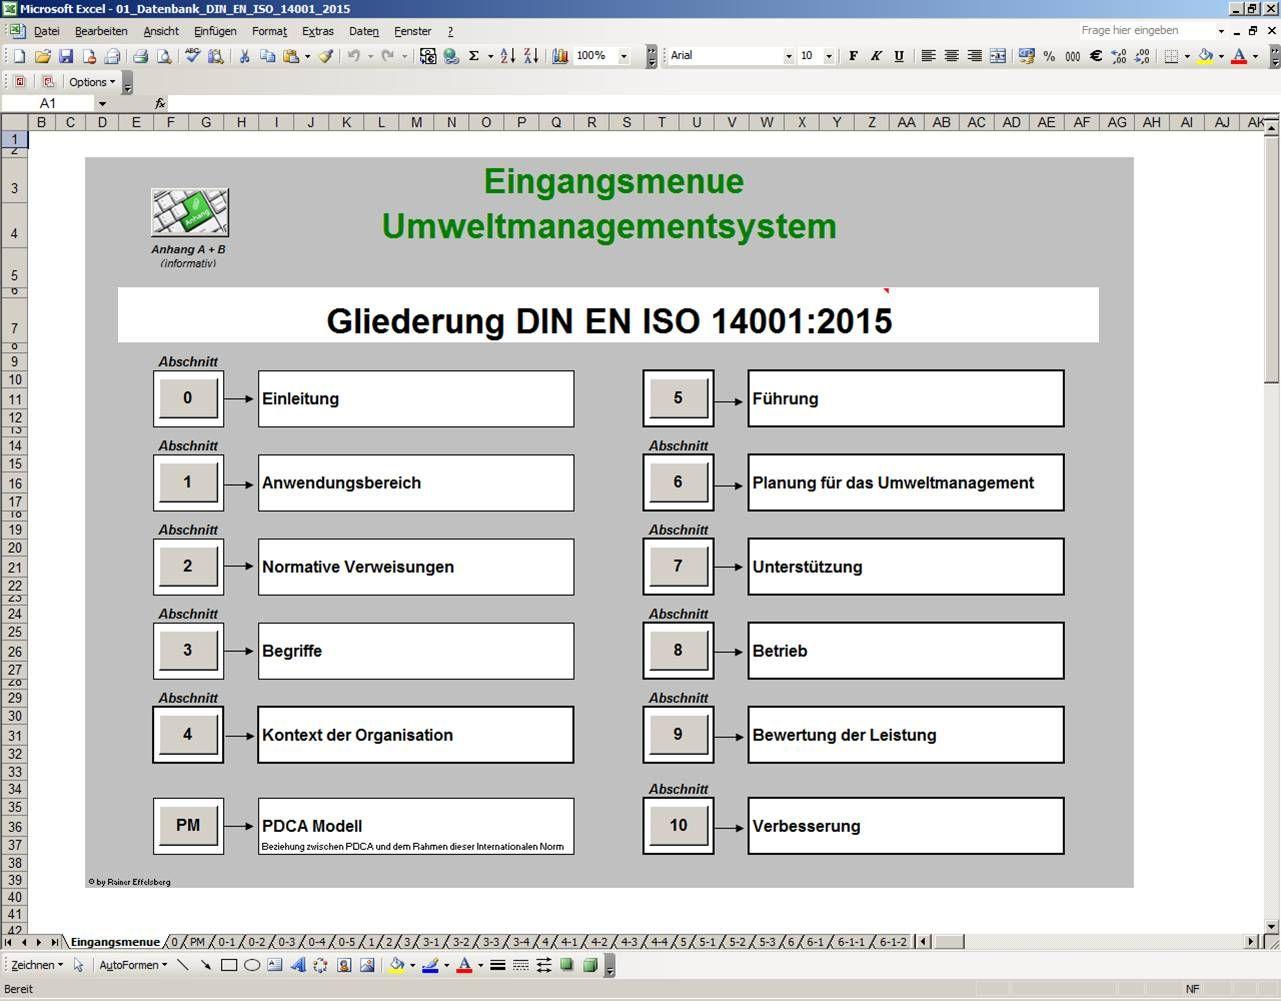 Ausgezeichnet Ursachenanalyse Vorlagen Galerie - Entry Level Resume ...